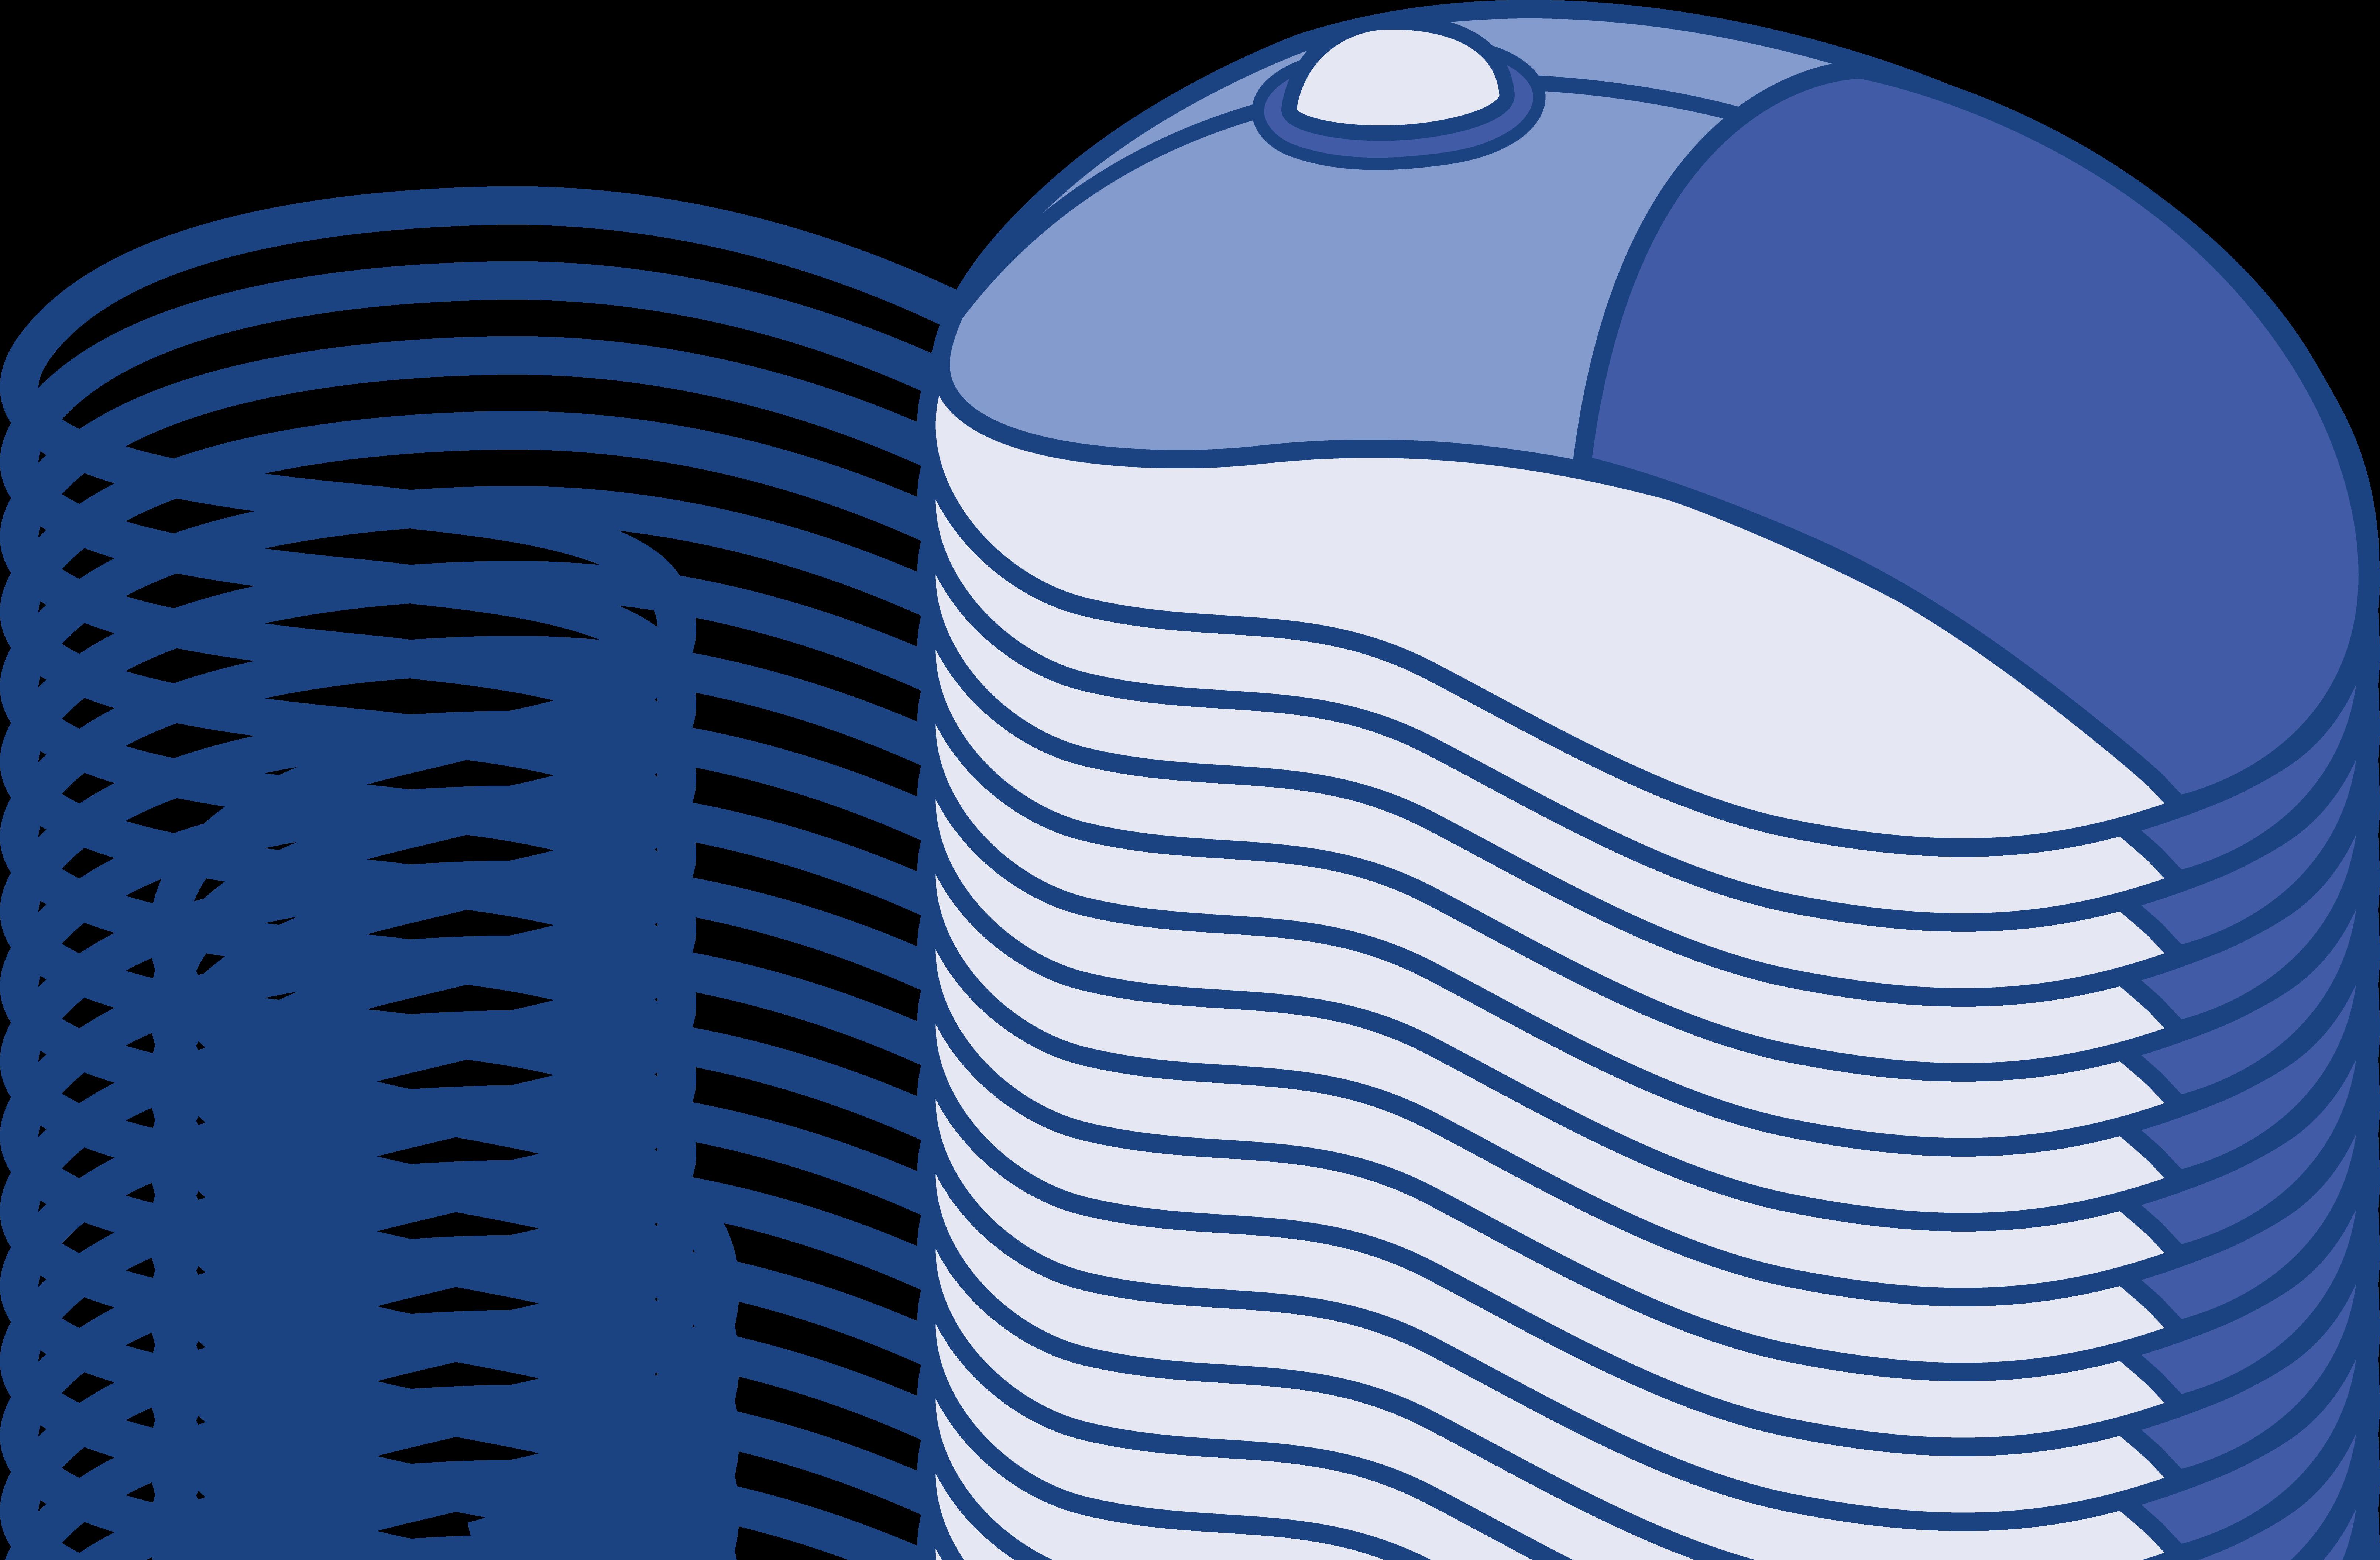 6447x4227 Blue Computer Mouse